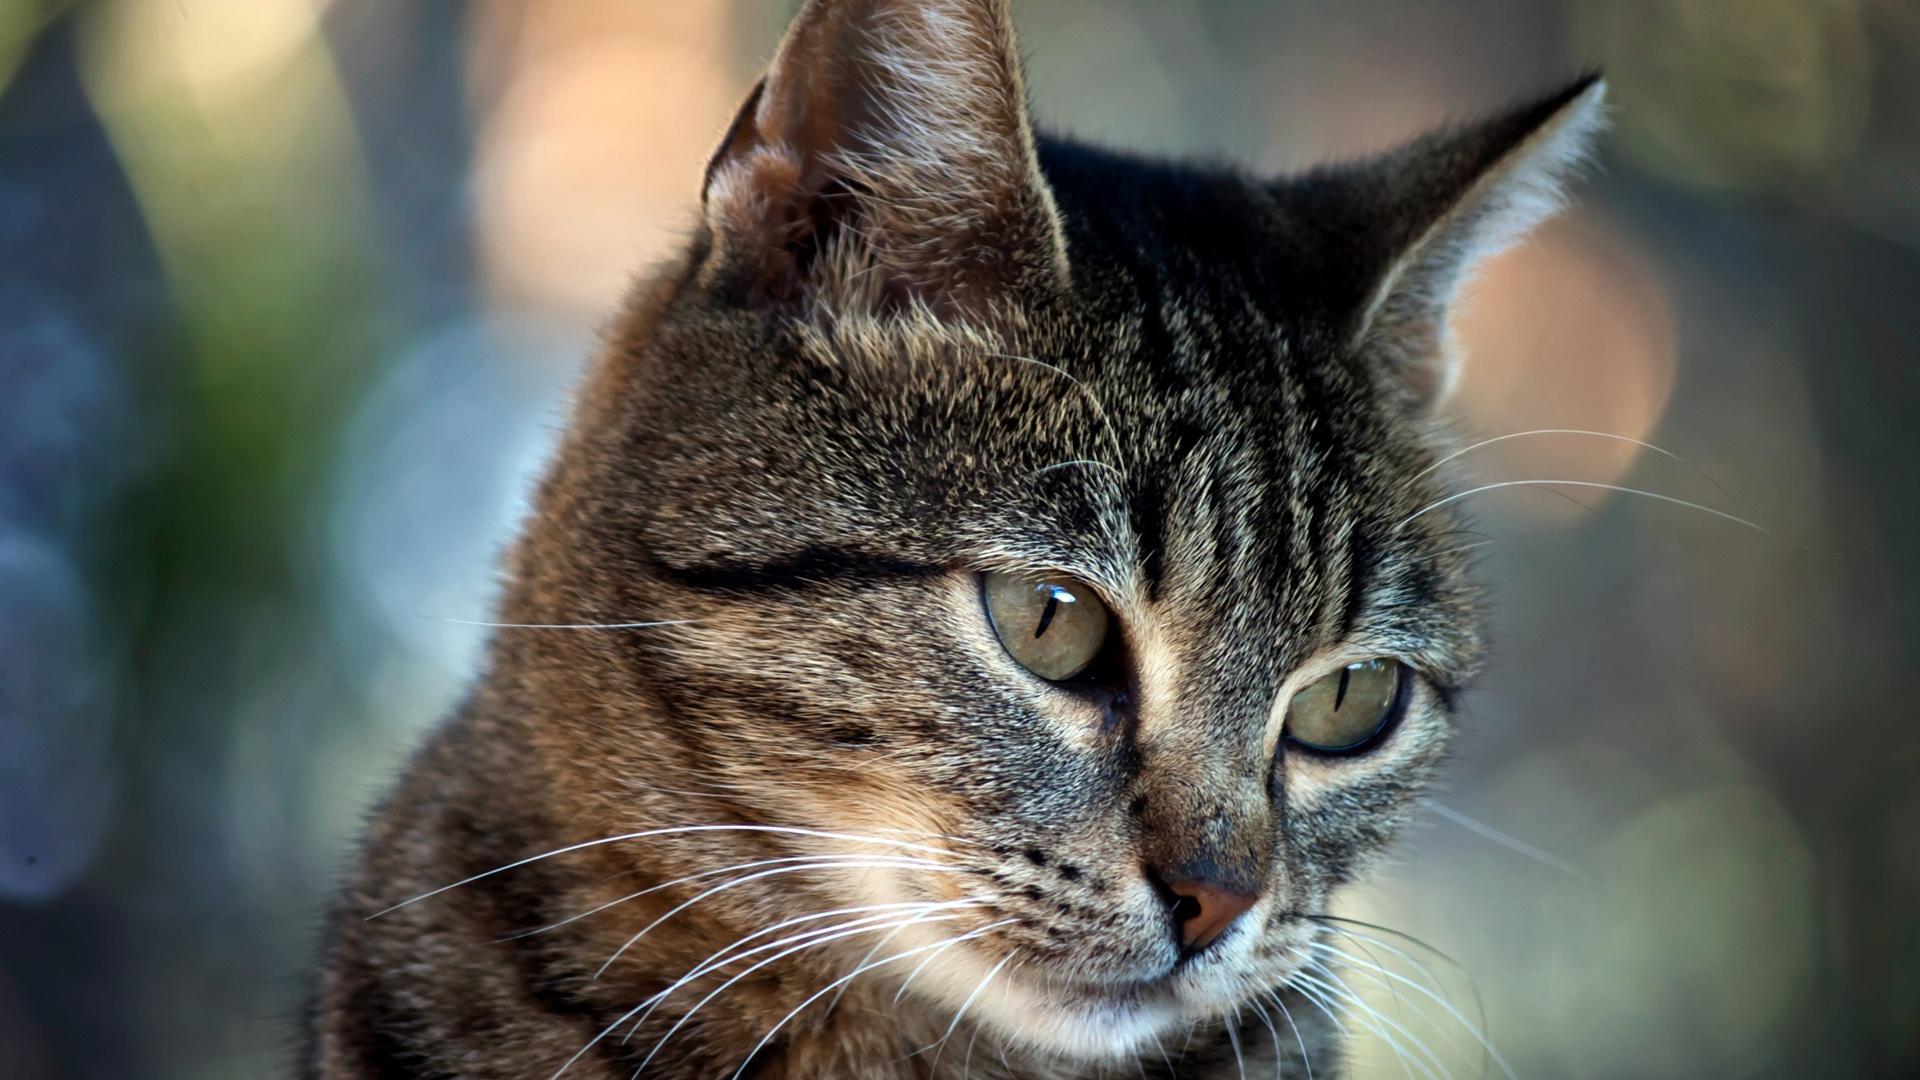 Широкоформатные обои Задумчивый кот, Кот с задумчивым взглядом.